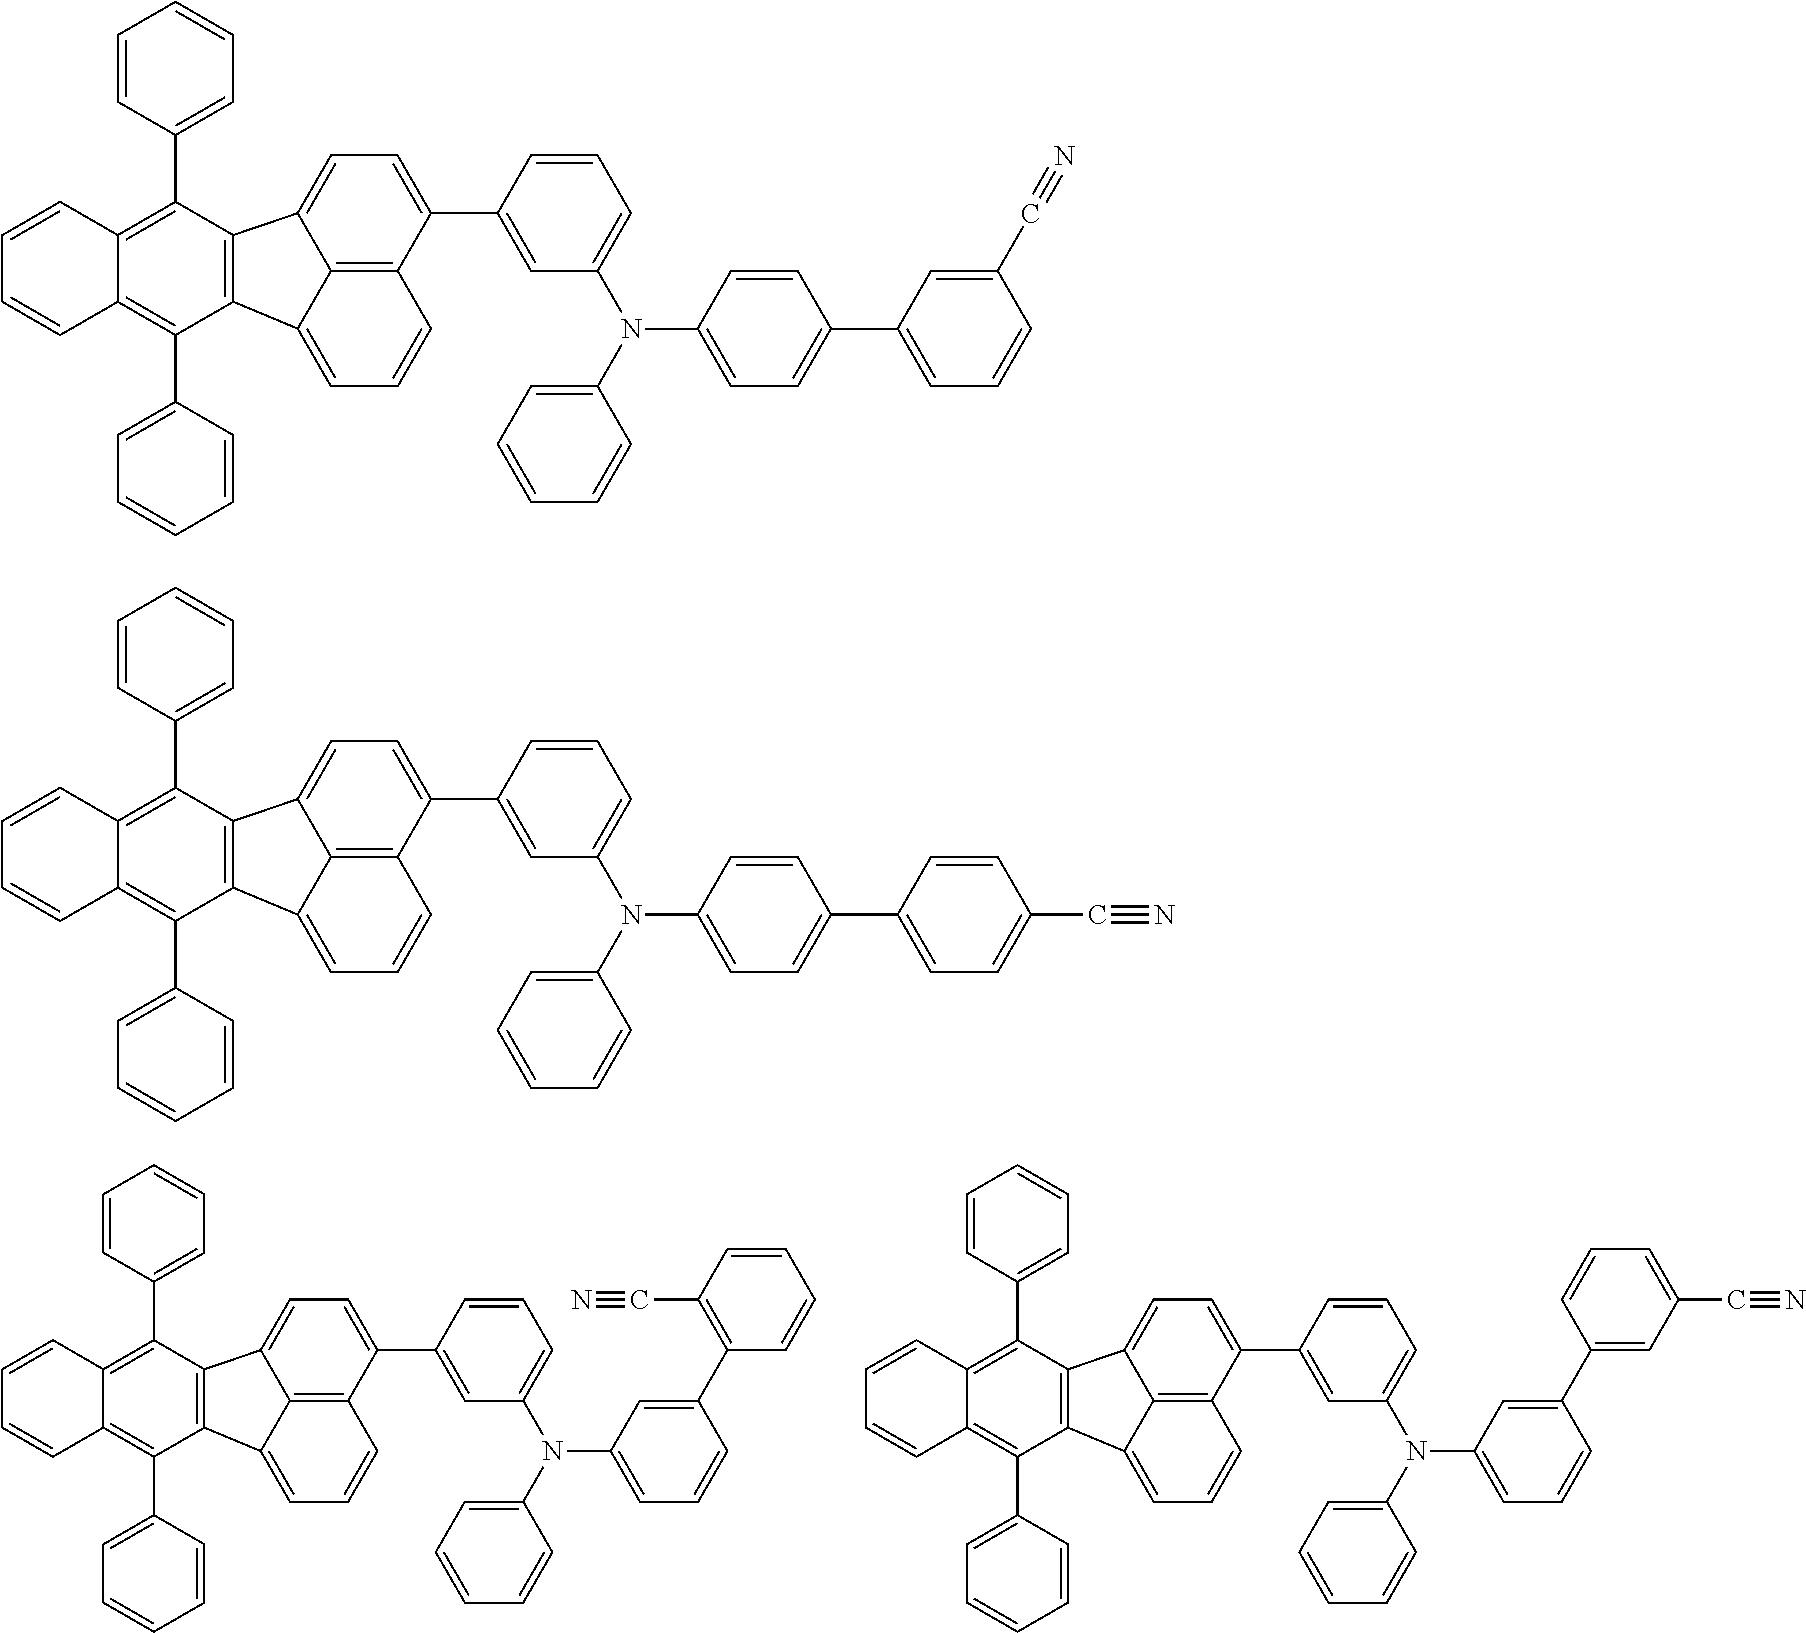 Figure US20150280139A1-20151001-C00077